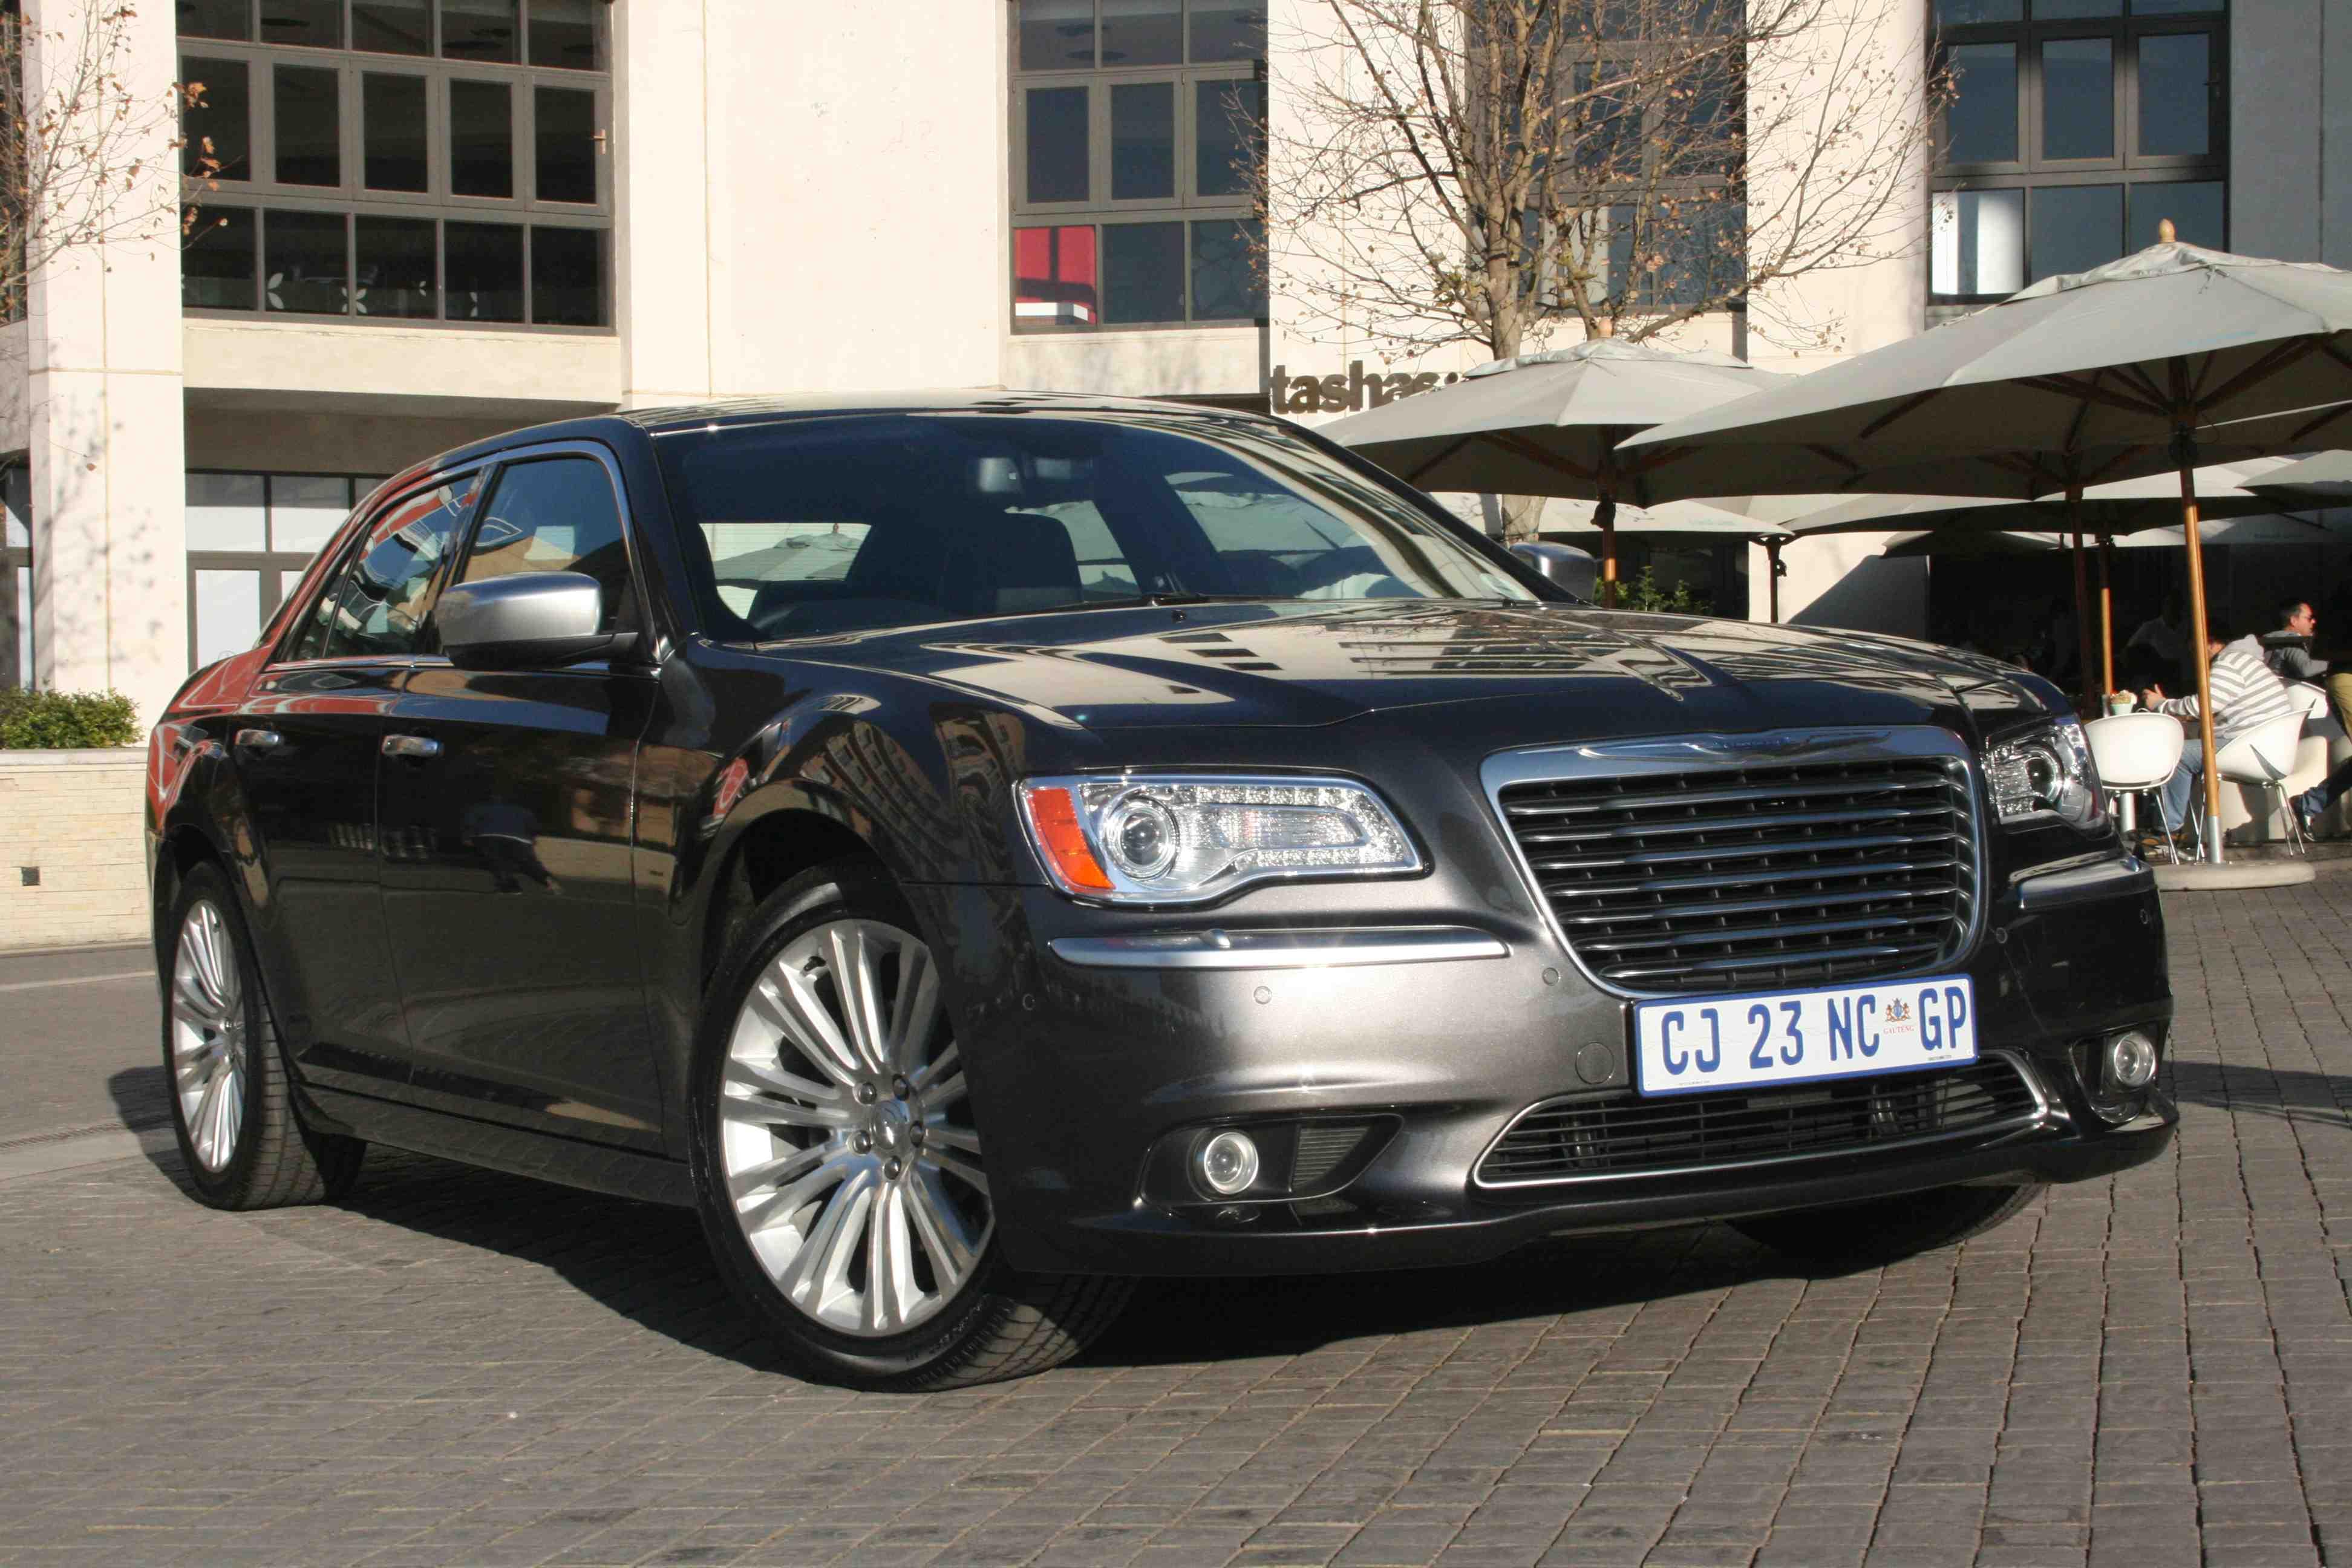 Review 2013 chrysler 300c crd motoring news for Chrysler 300c crd